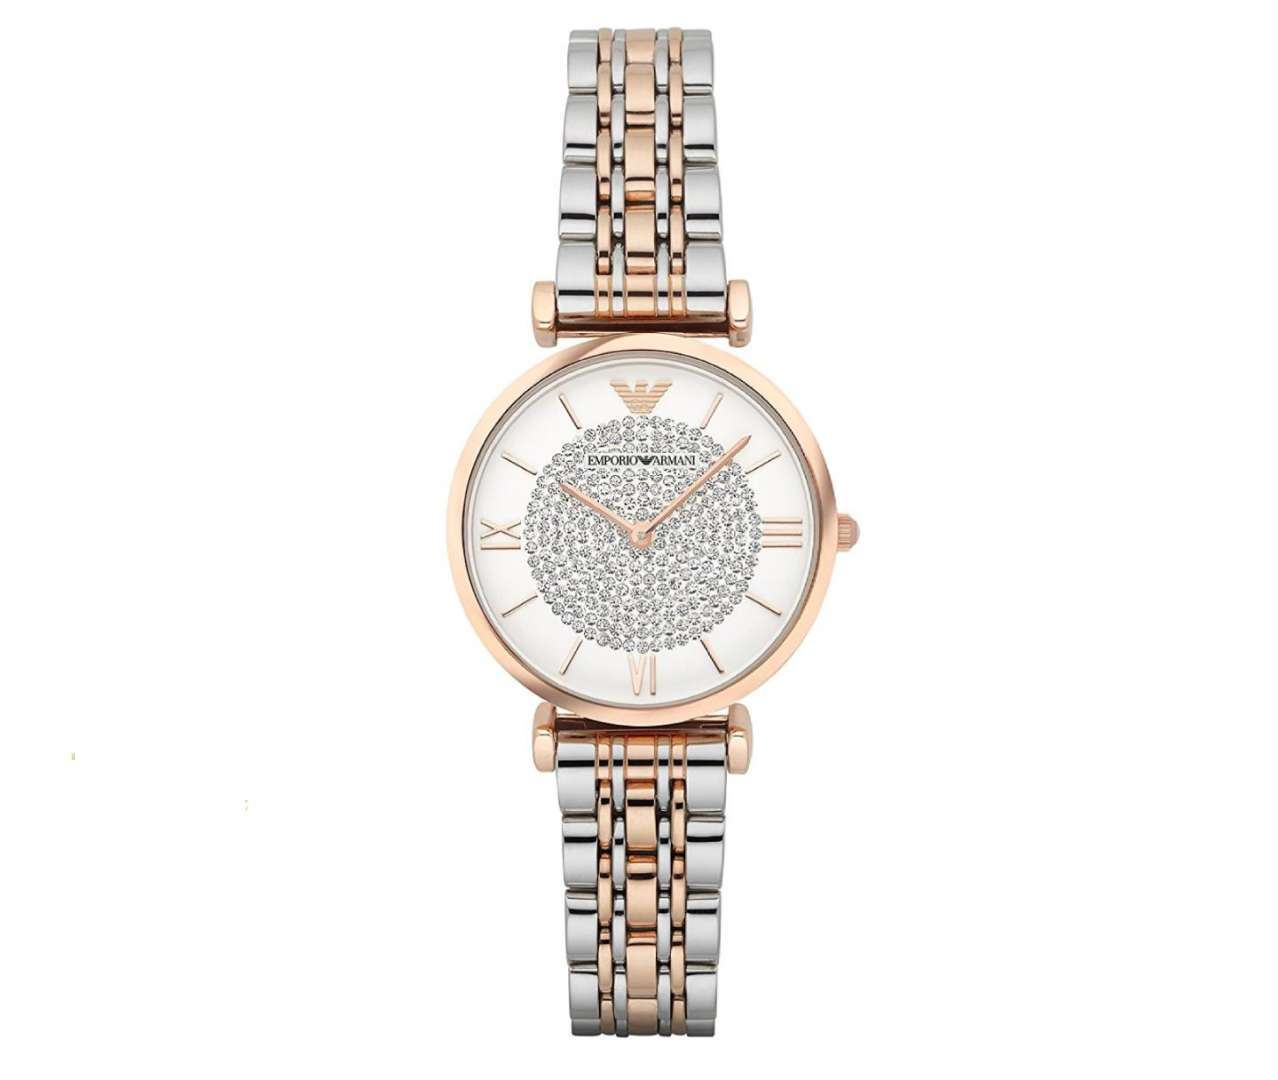 שעון יד אנלוגי לאישה emporio armani ar1926 אמפוריו ארמני